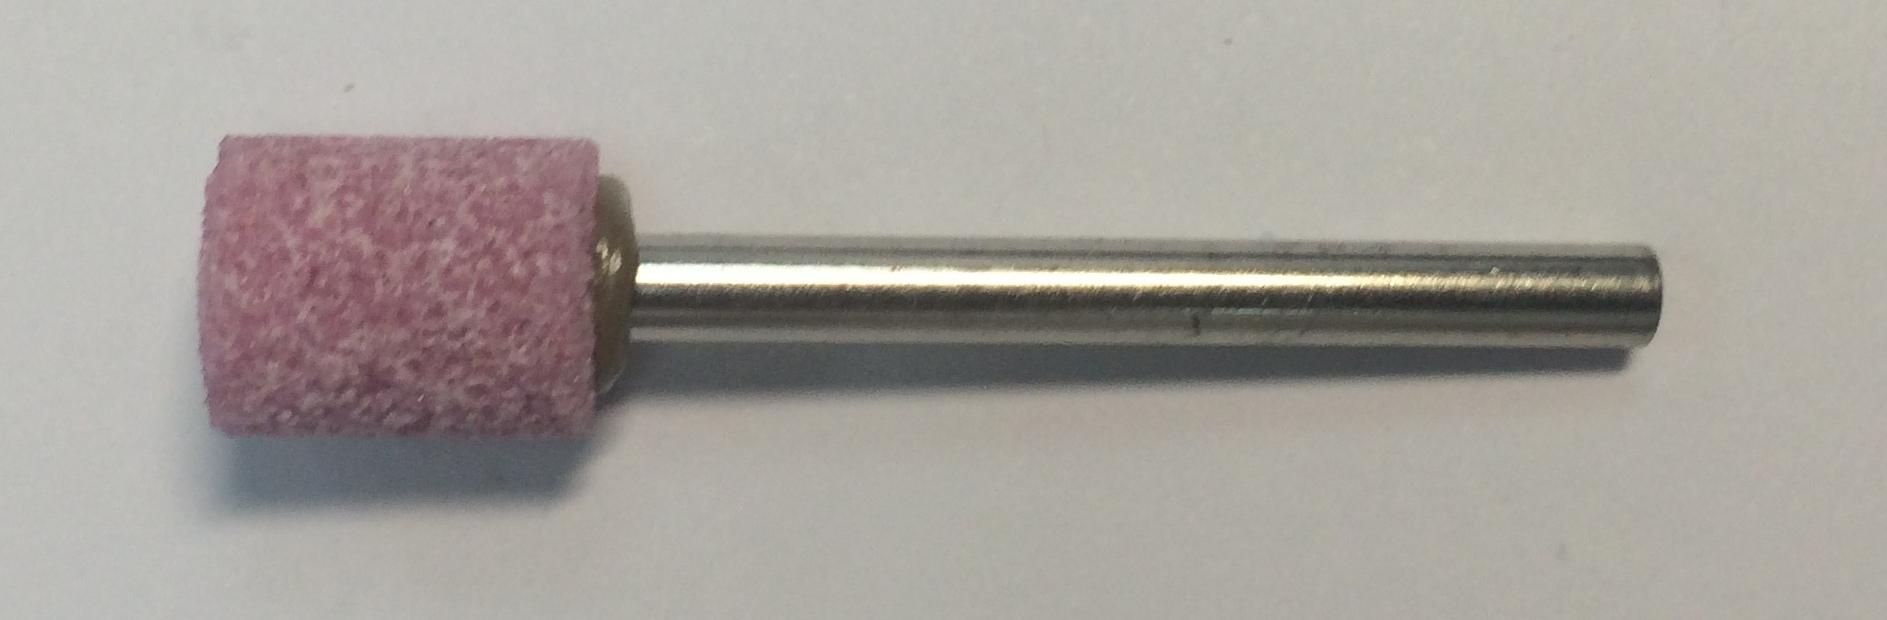 ZY0810 3X30 EKR60 NV4